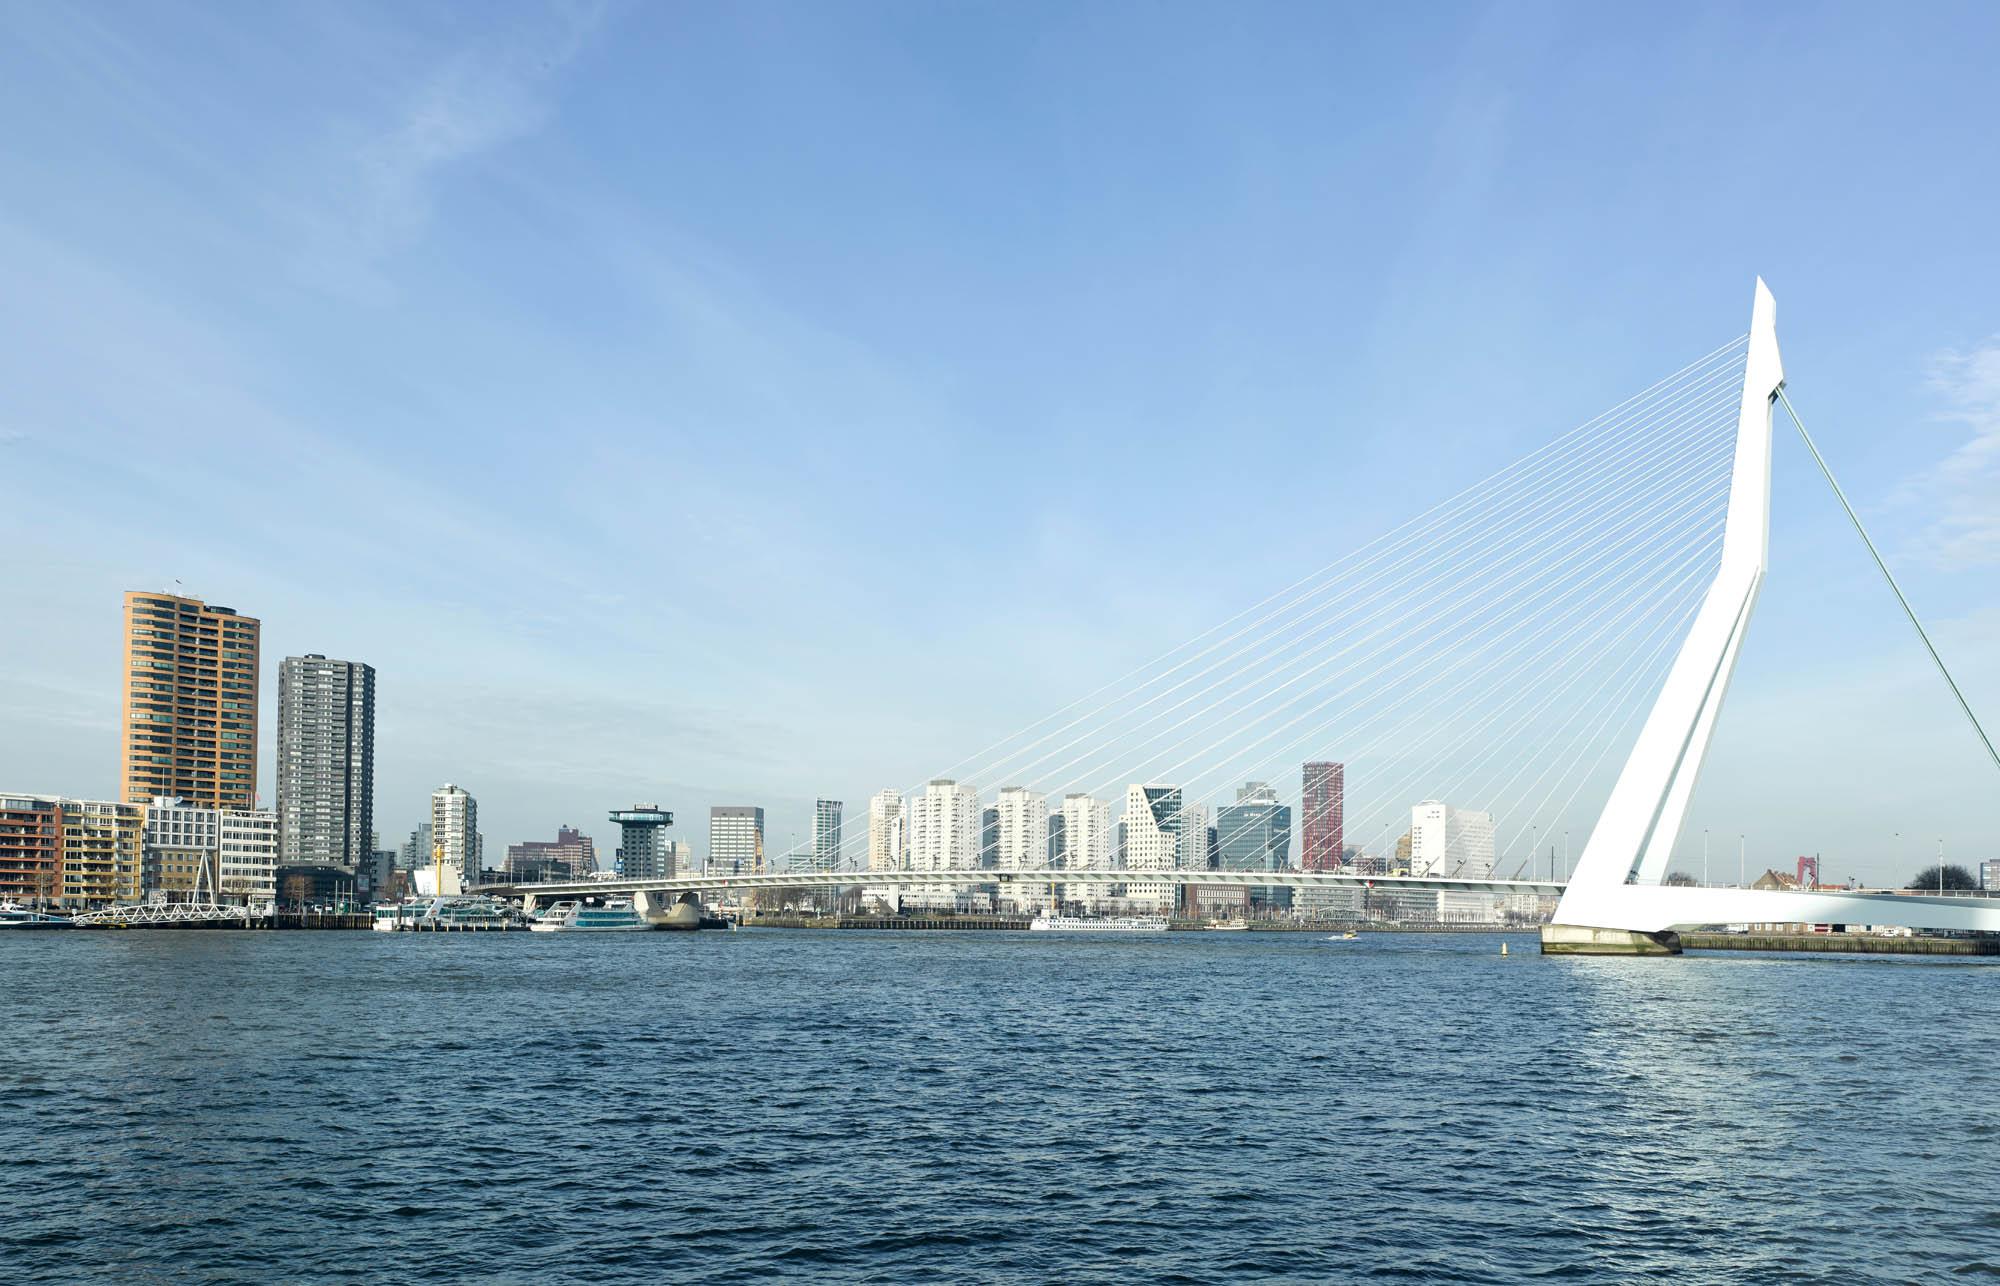 Opp 004793 - Rotterdam: Spielwiese verrückter Architektur von Weltruf